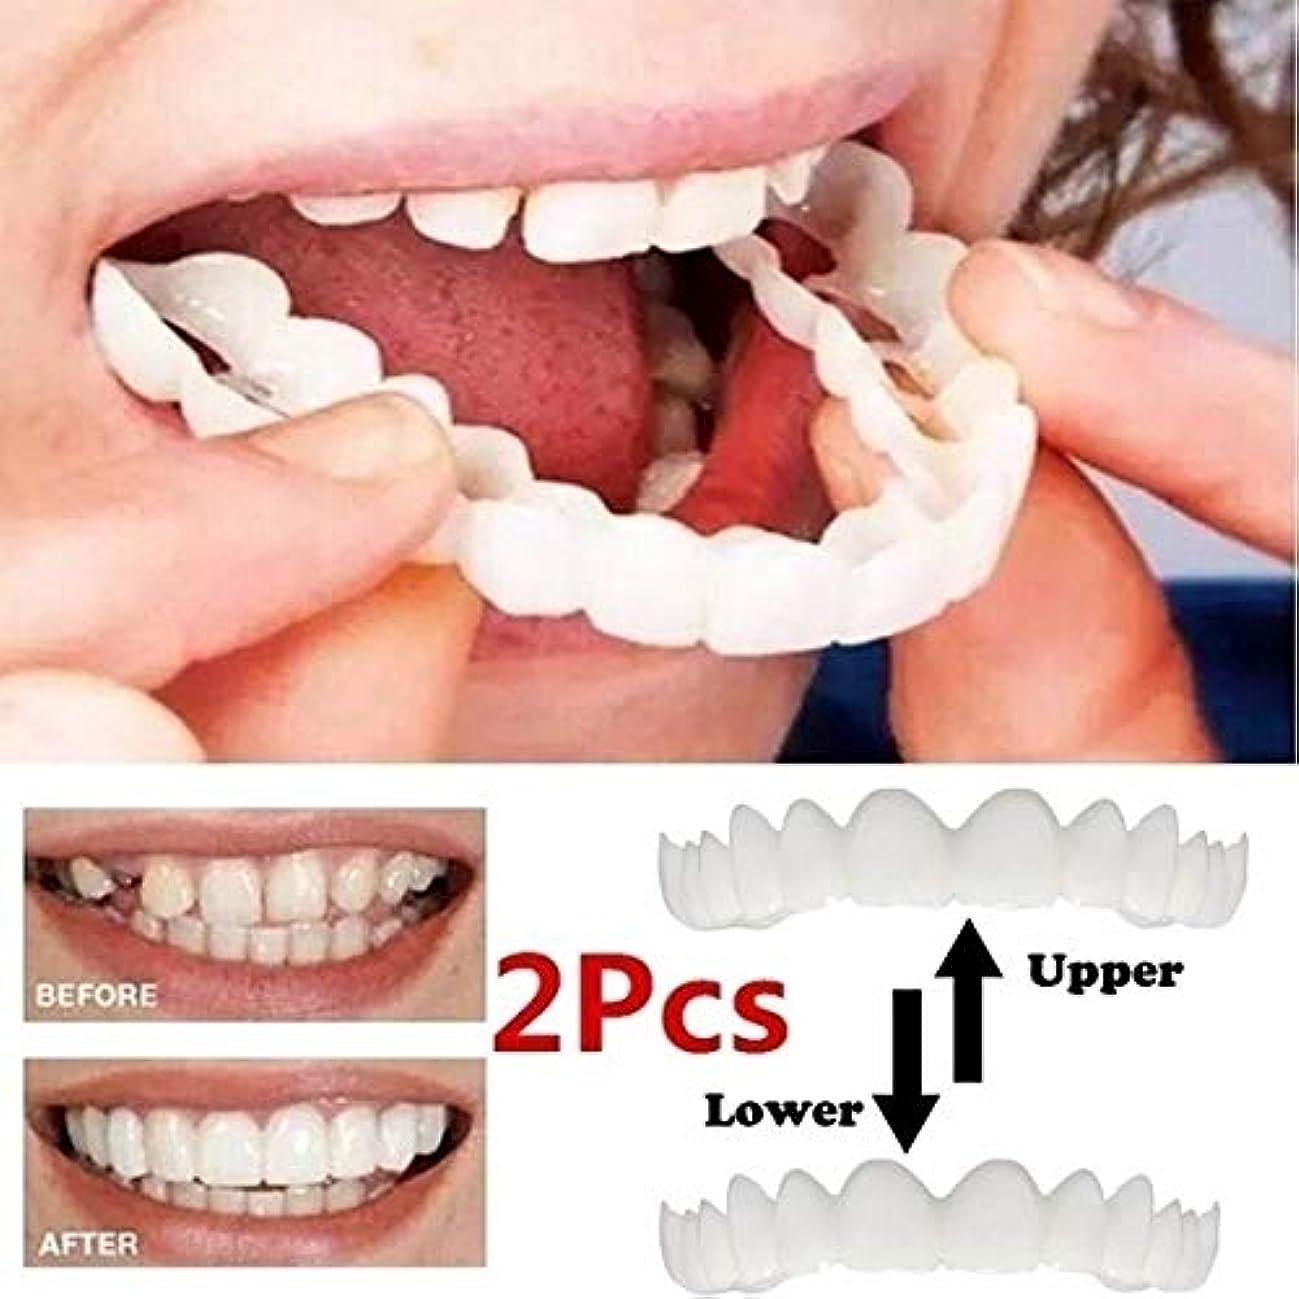 持続的労働キャッシュ一時的な笑顔の快適さフィット化粧品の歯義歯のベニヤ歯の快適さフィットフレックス化粧品の歯の上の歯のベニヤと下のベニヤ - 歯のベニヤ